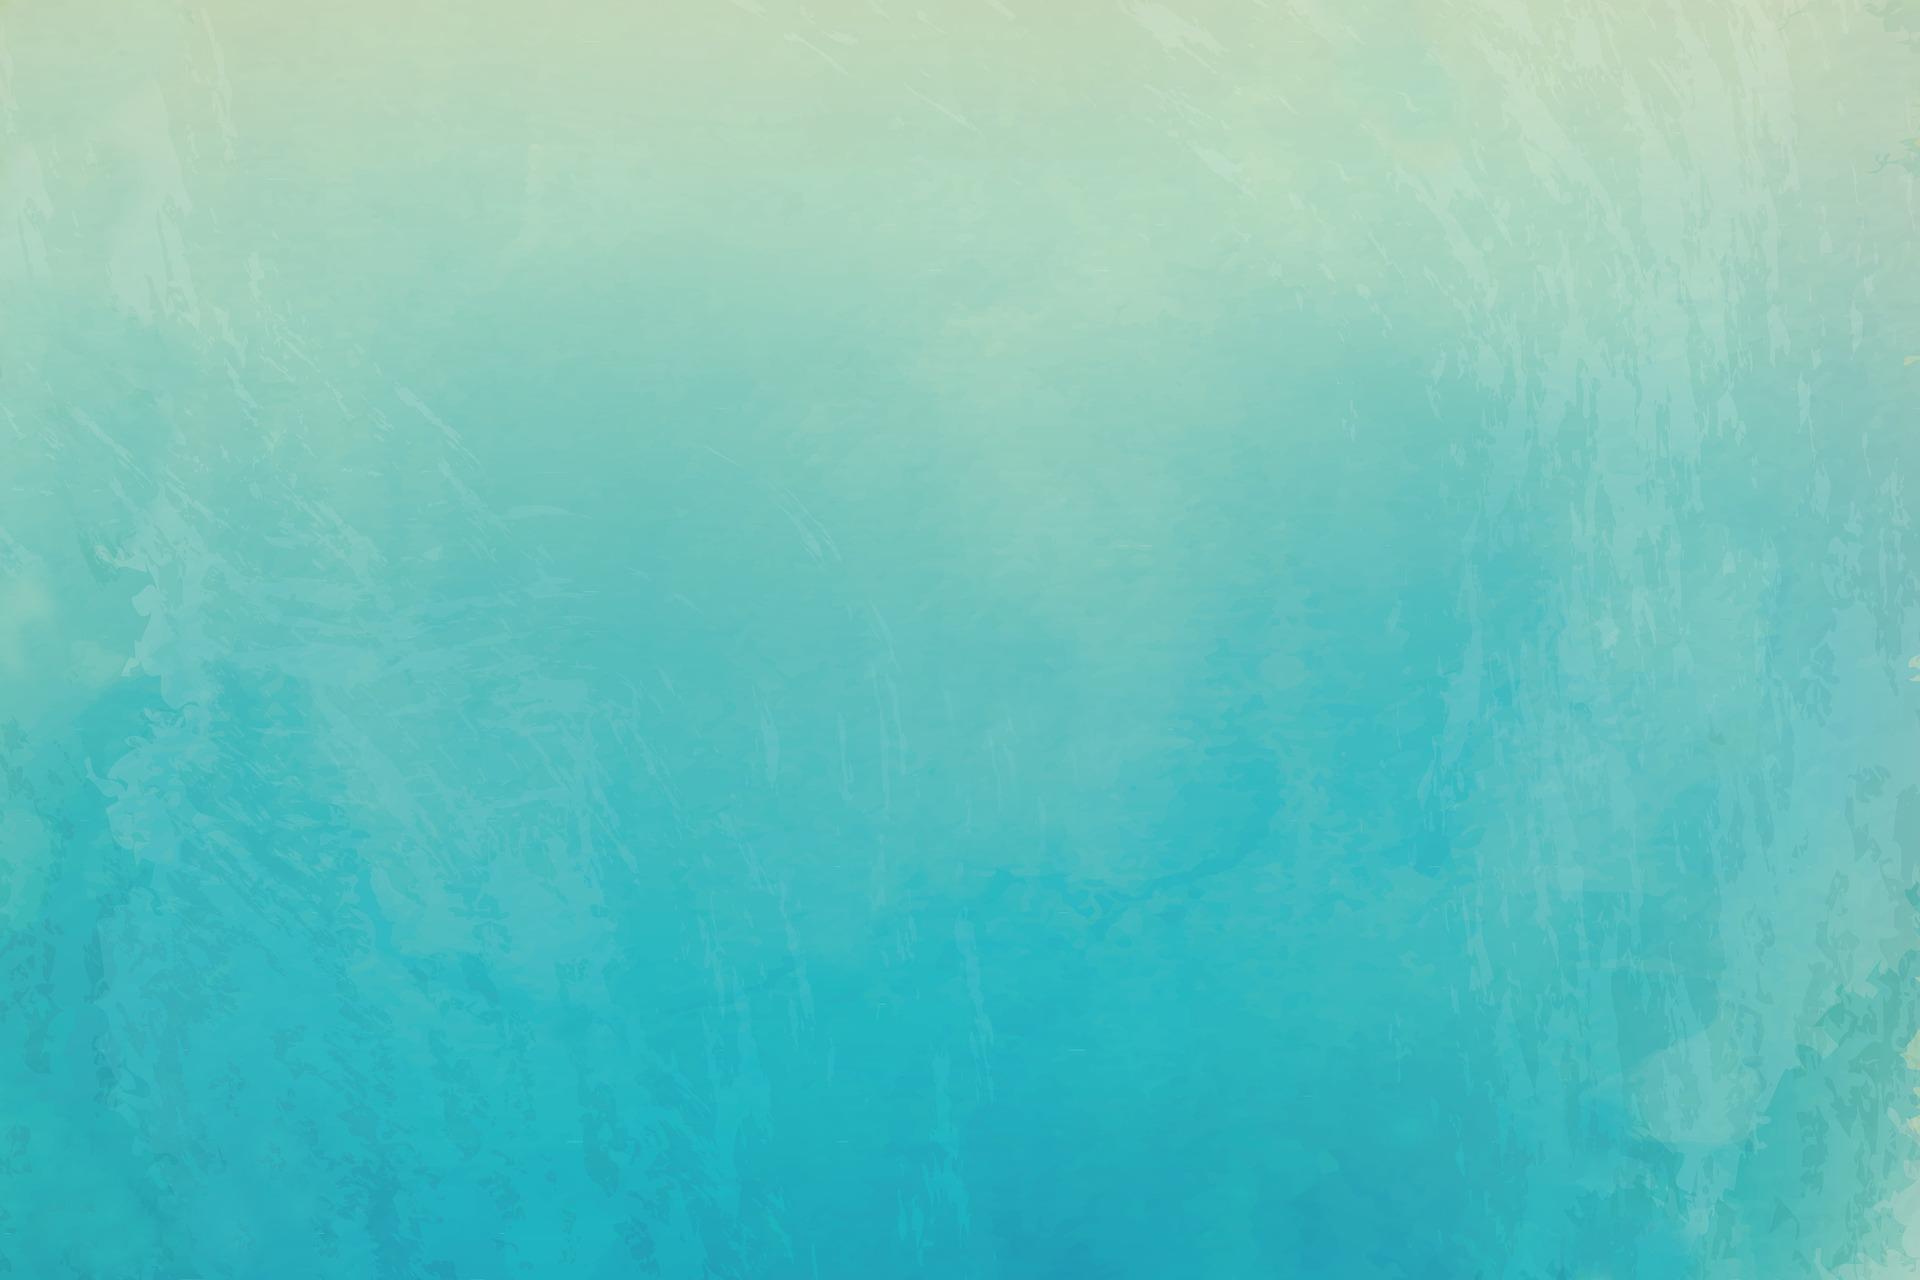 watercolour-1325656_1920